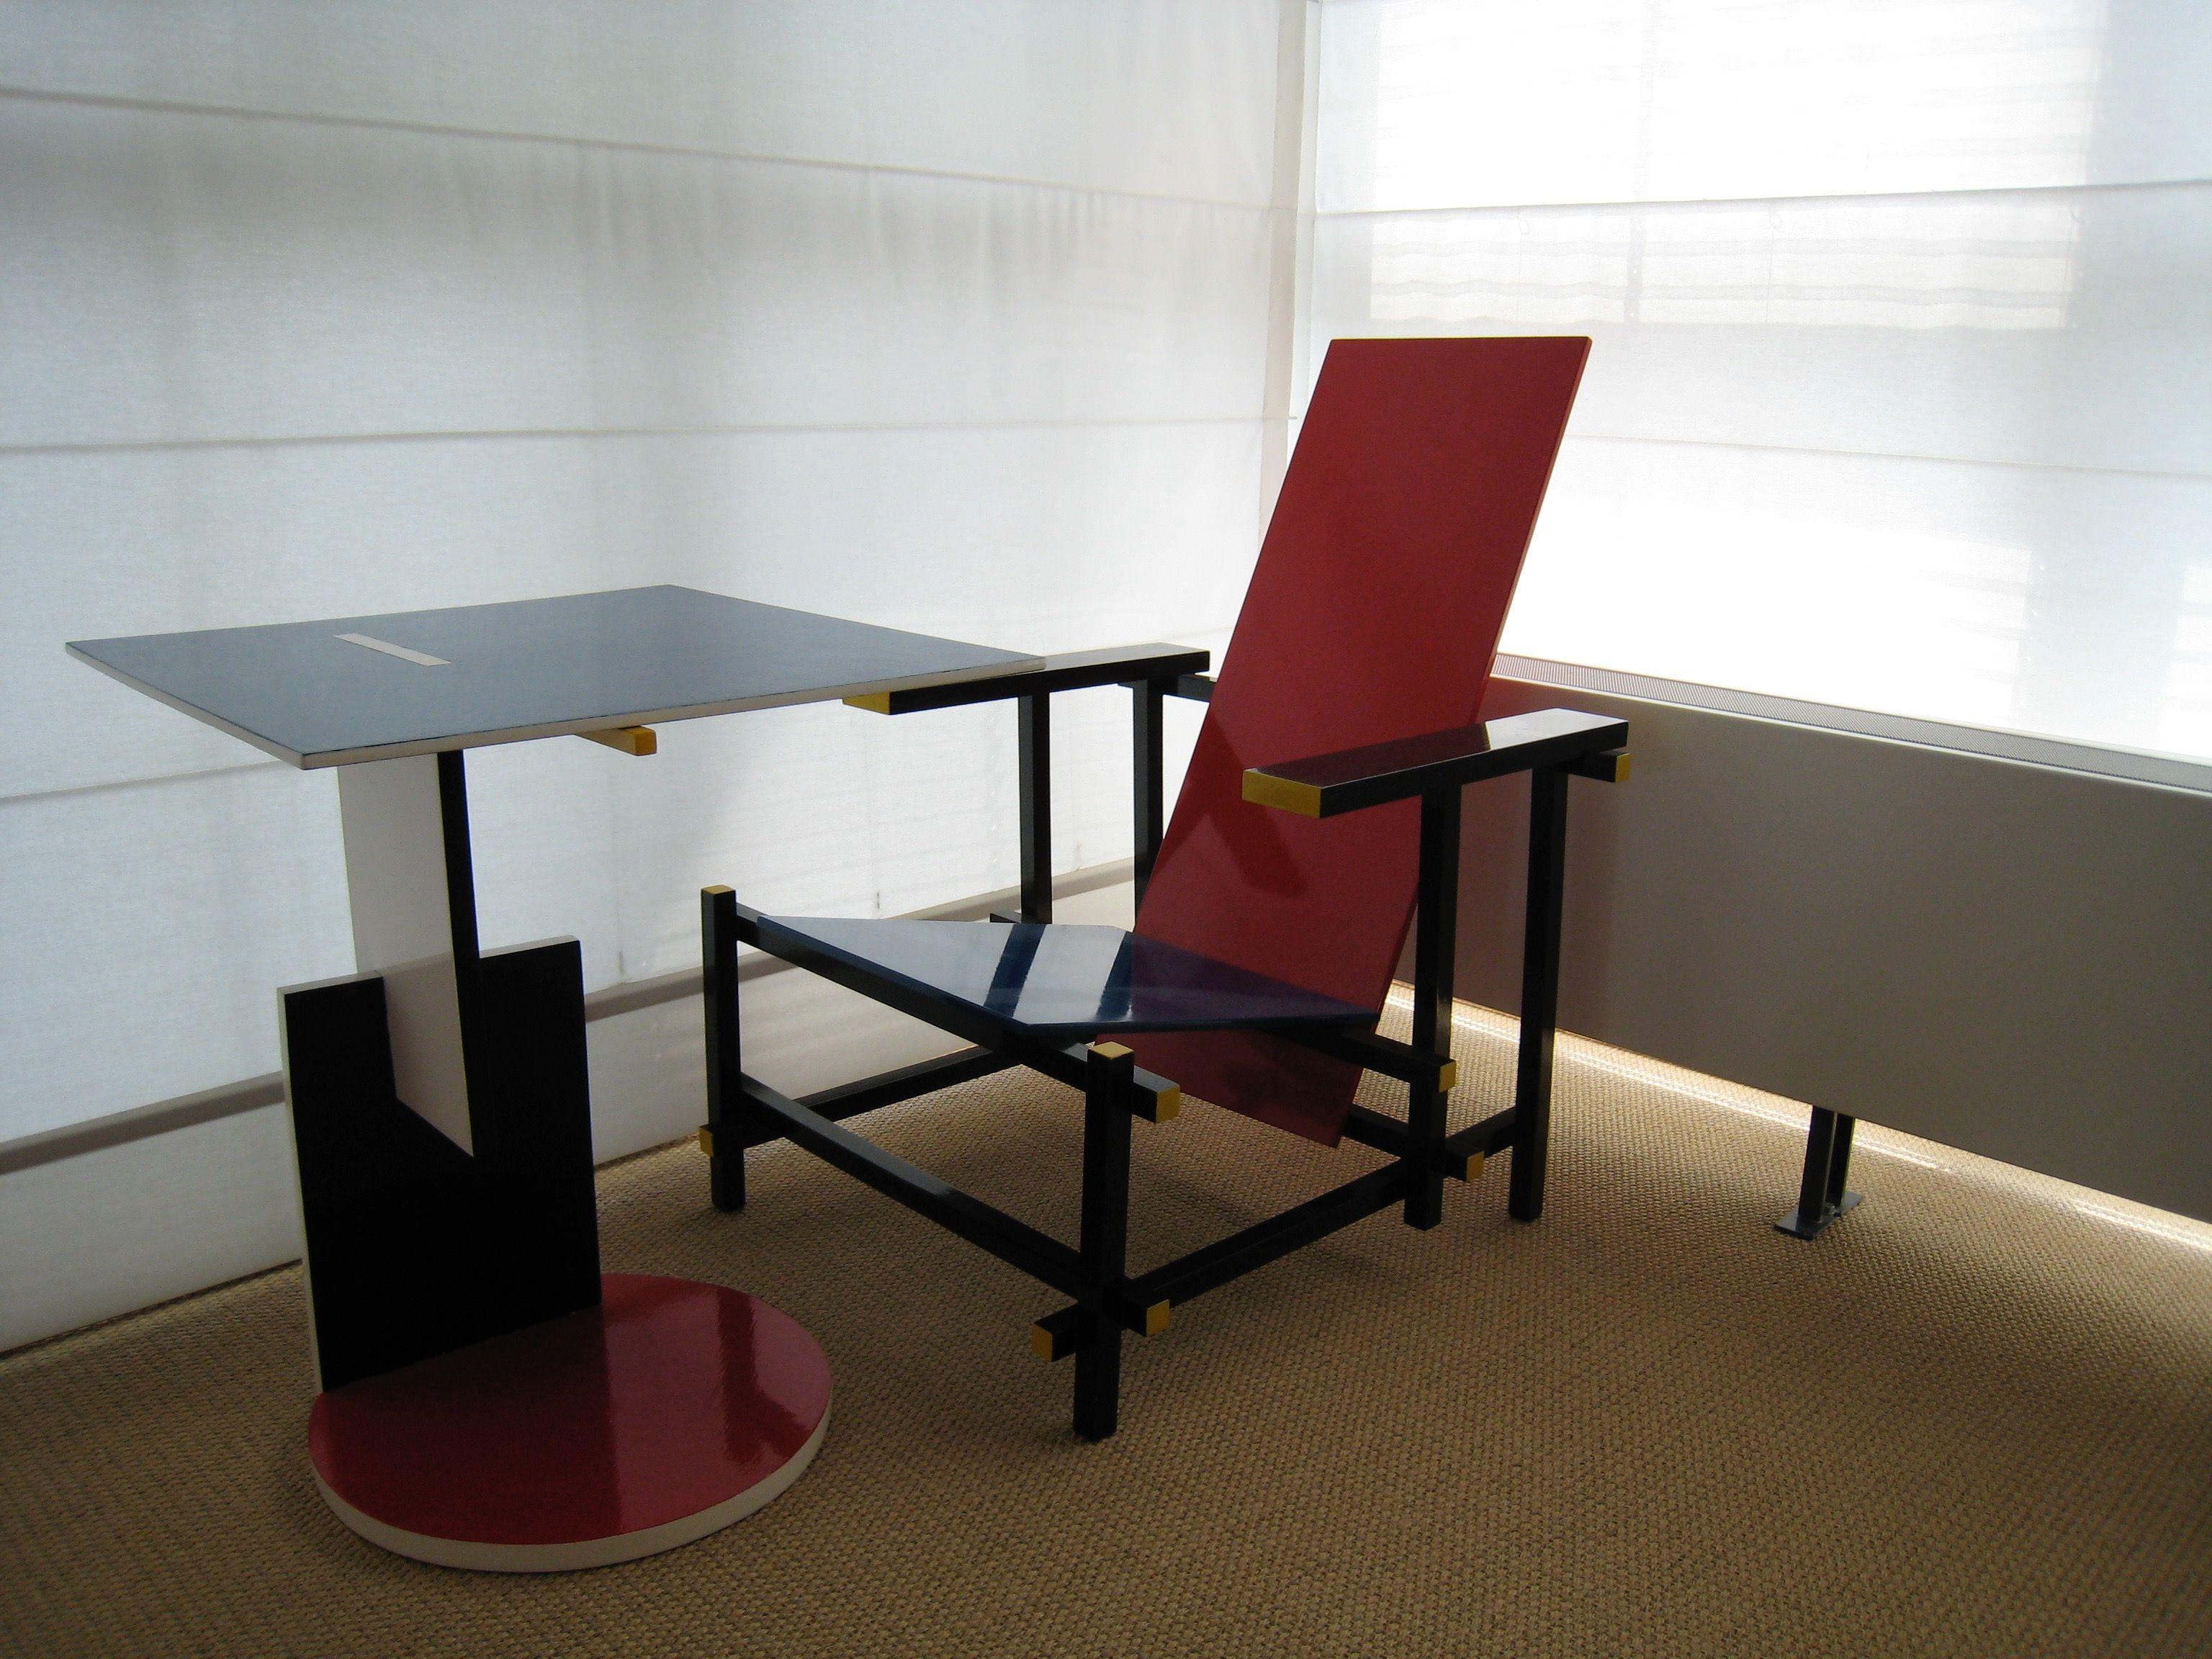 Rood Blauwe Stoel : Mijn allereerste rietveld de rood blauwe stoel en divan tafel